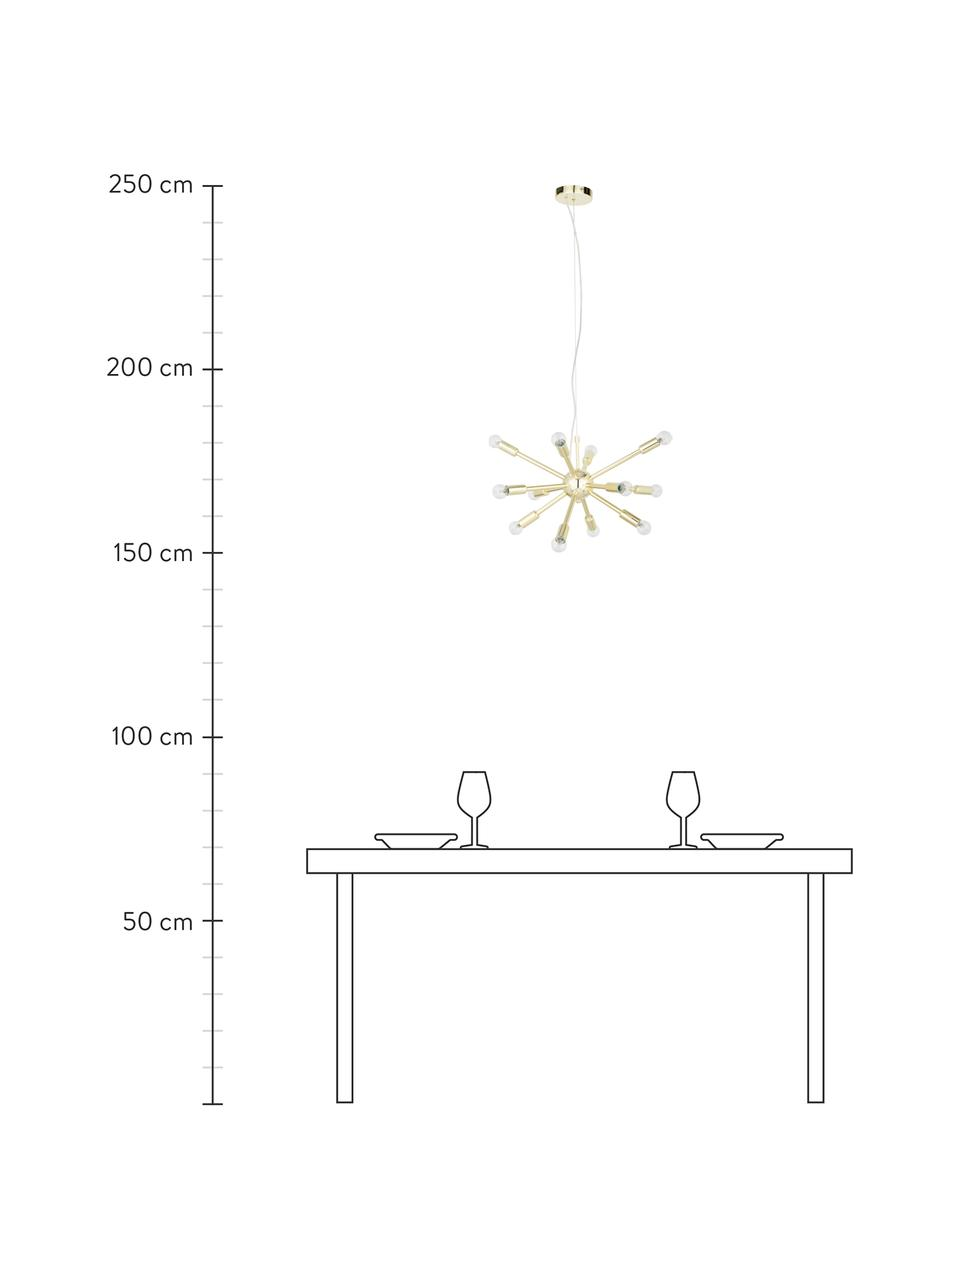 Lampa wisząca Spike, Odcienie złotego, Ø 50 cm